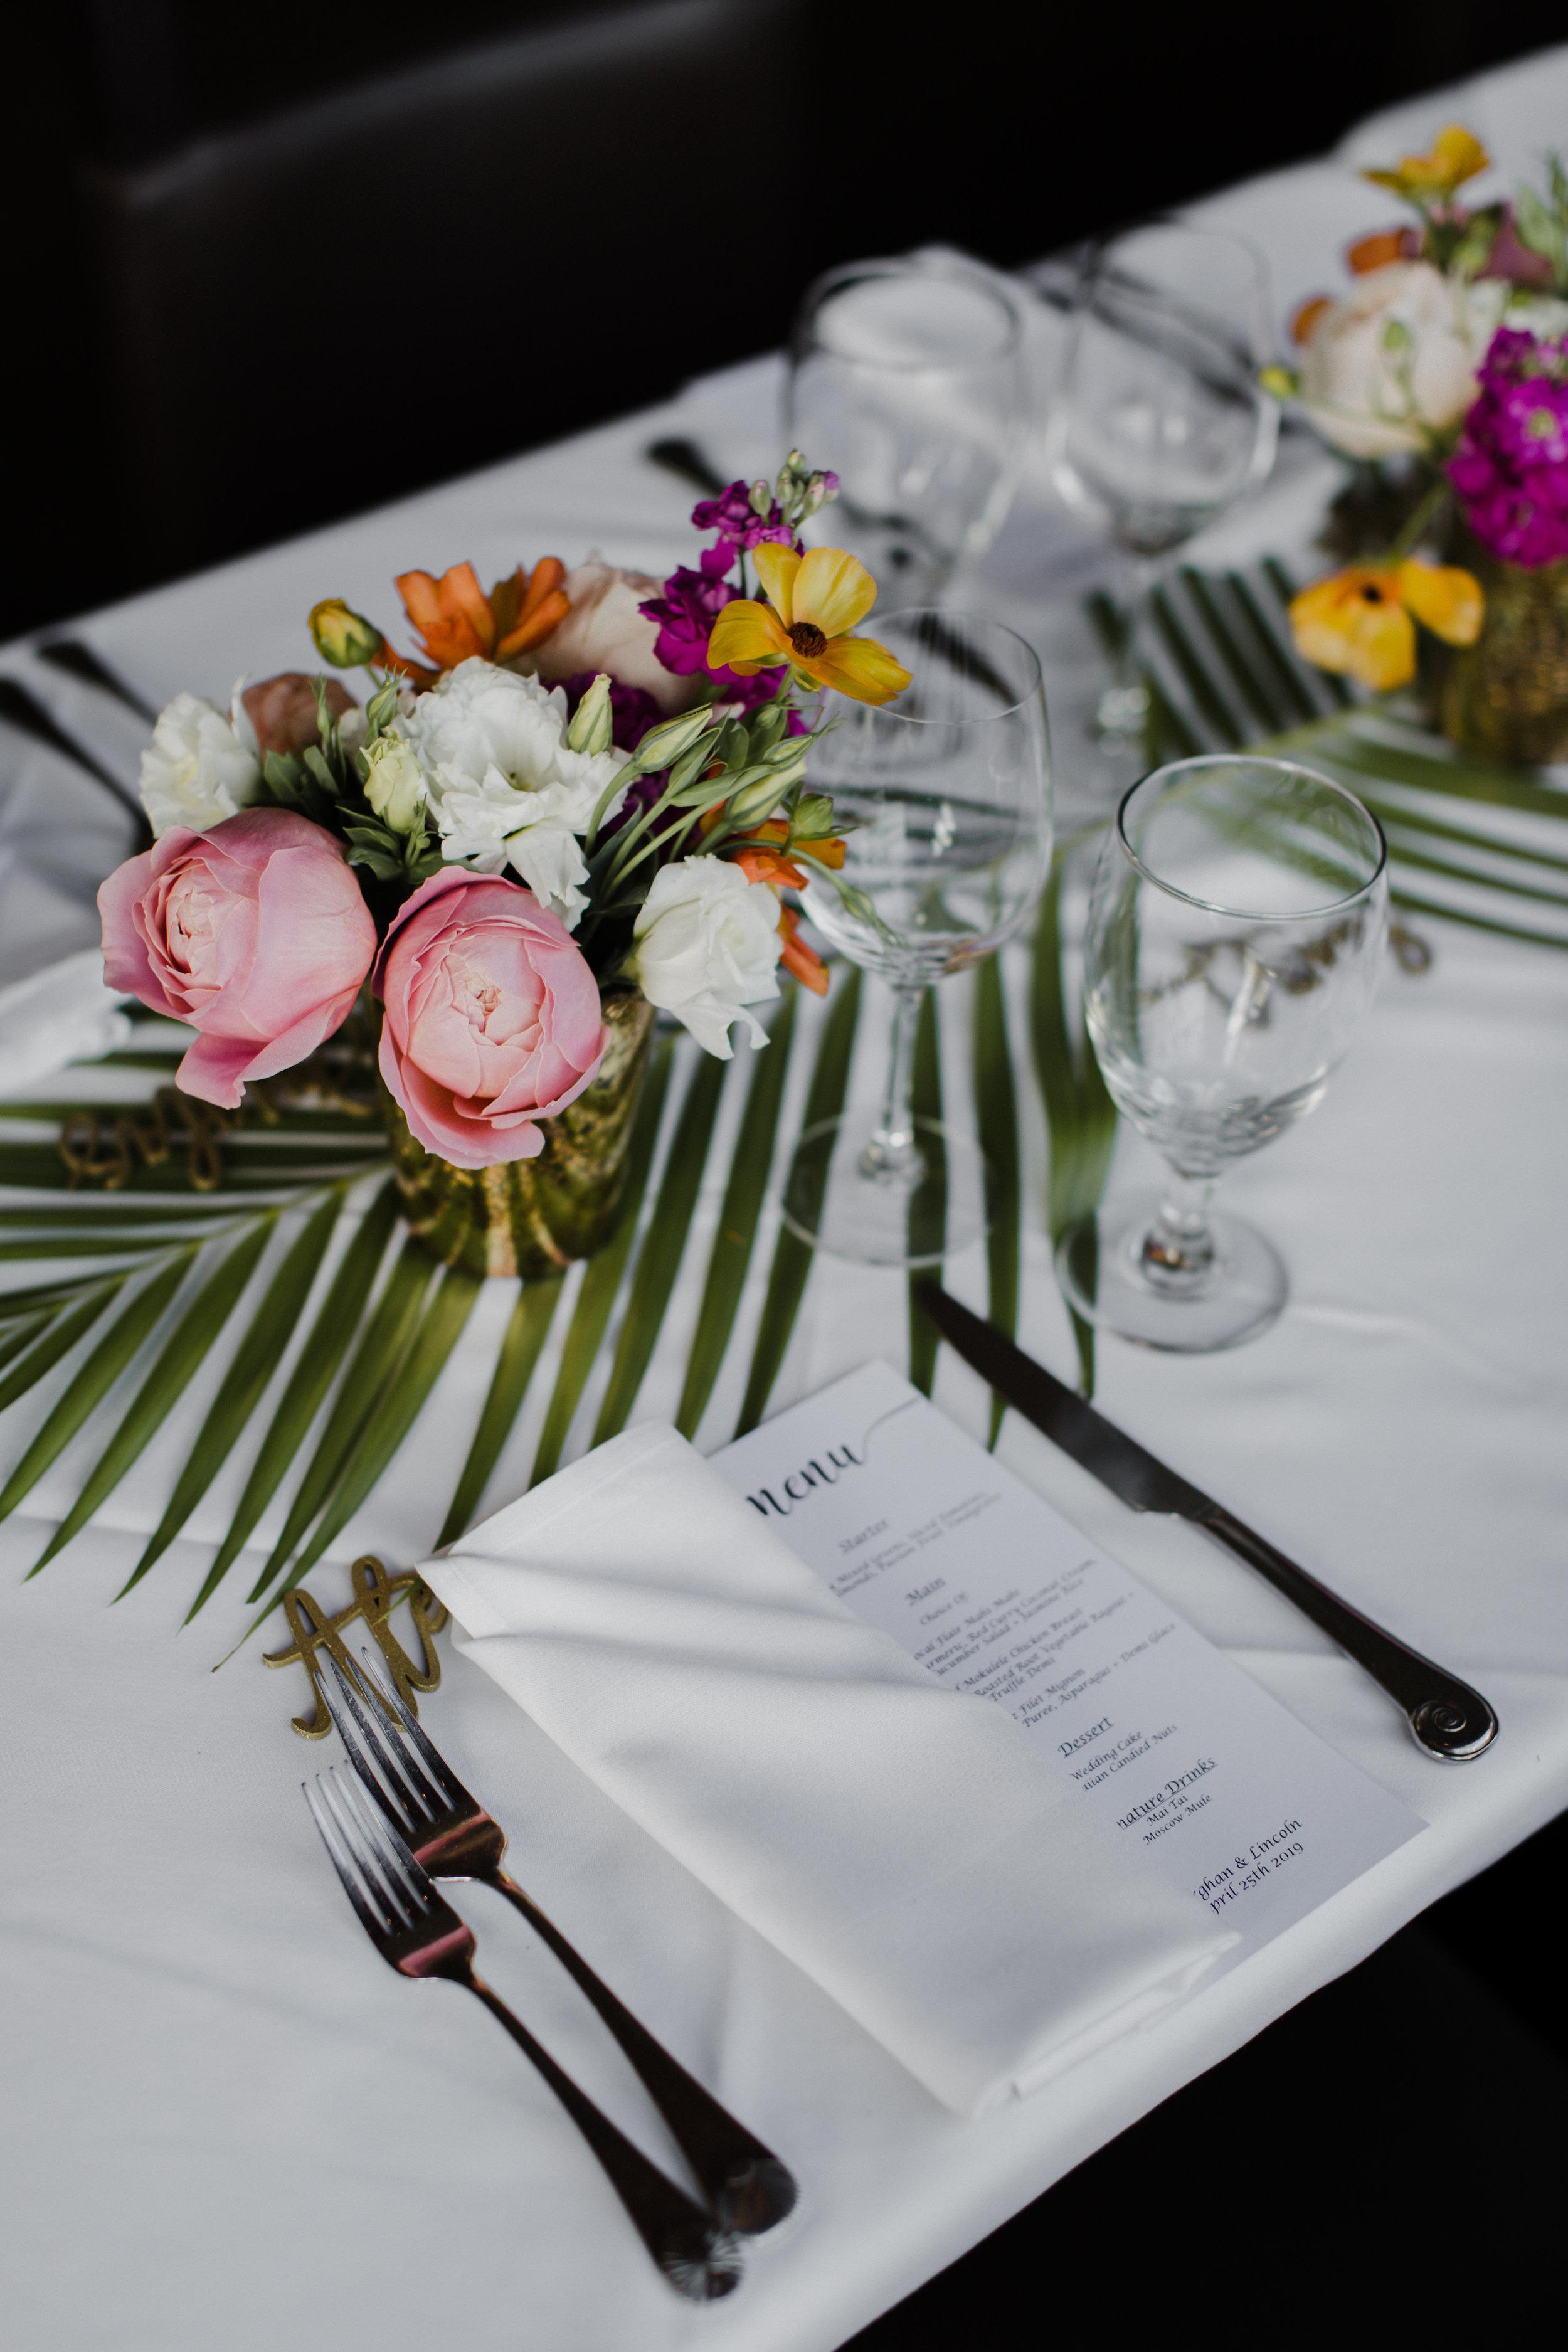 Stephanie-Betsill-Photography-Maui-Photographer-Hawaii-Wedding-Photographer-2-2.jpg